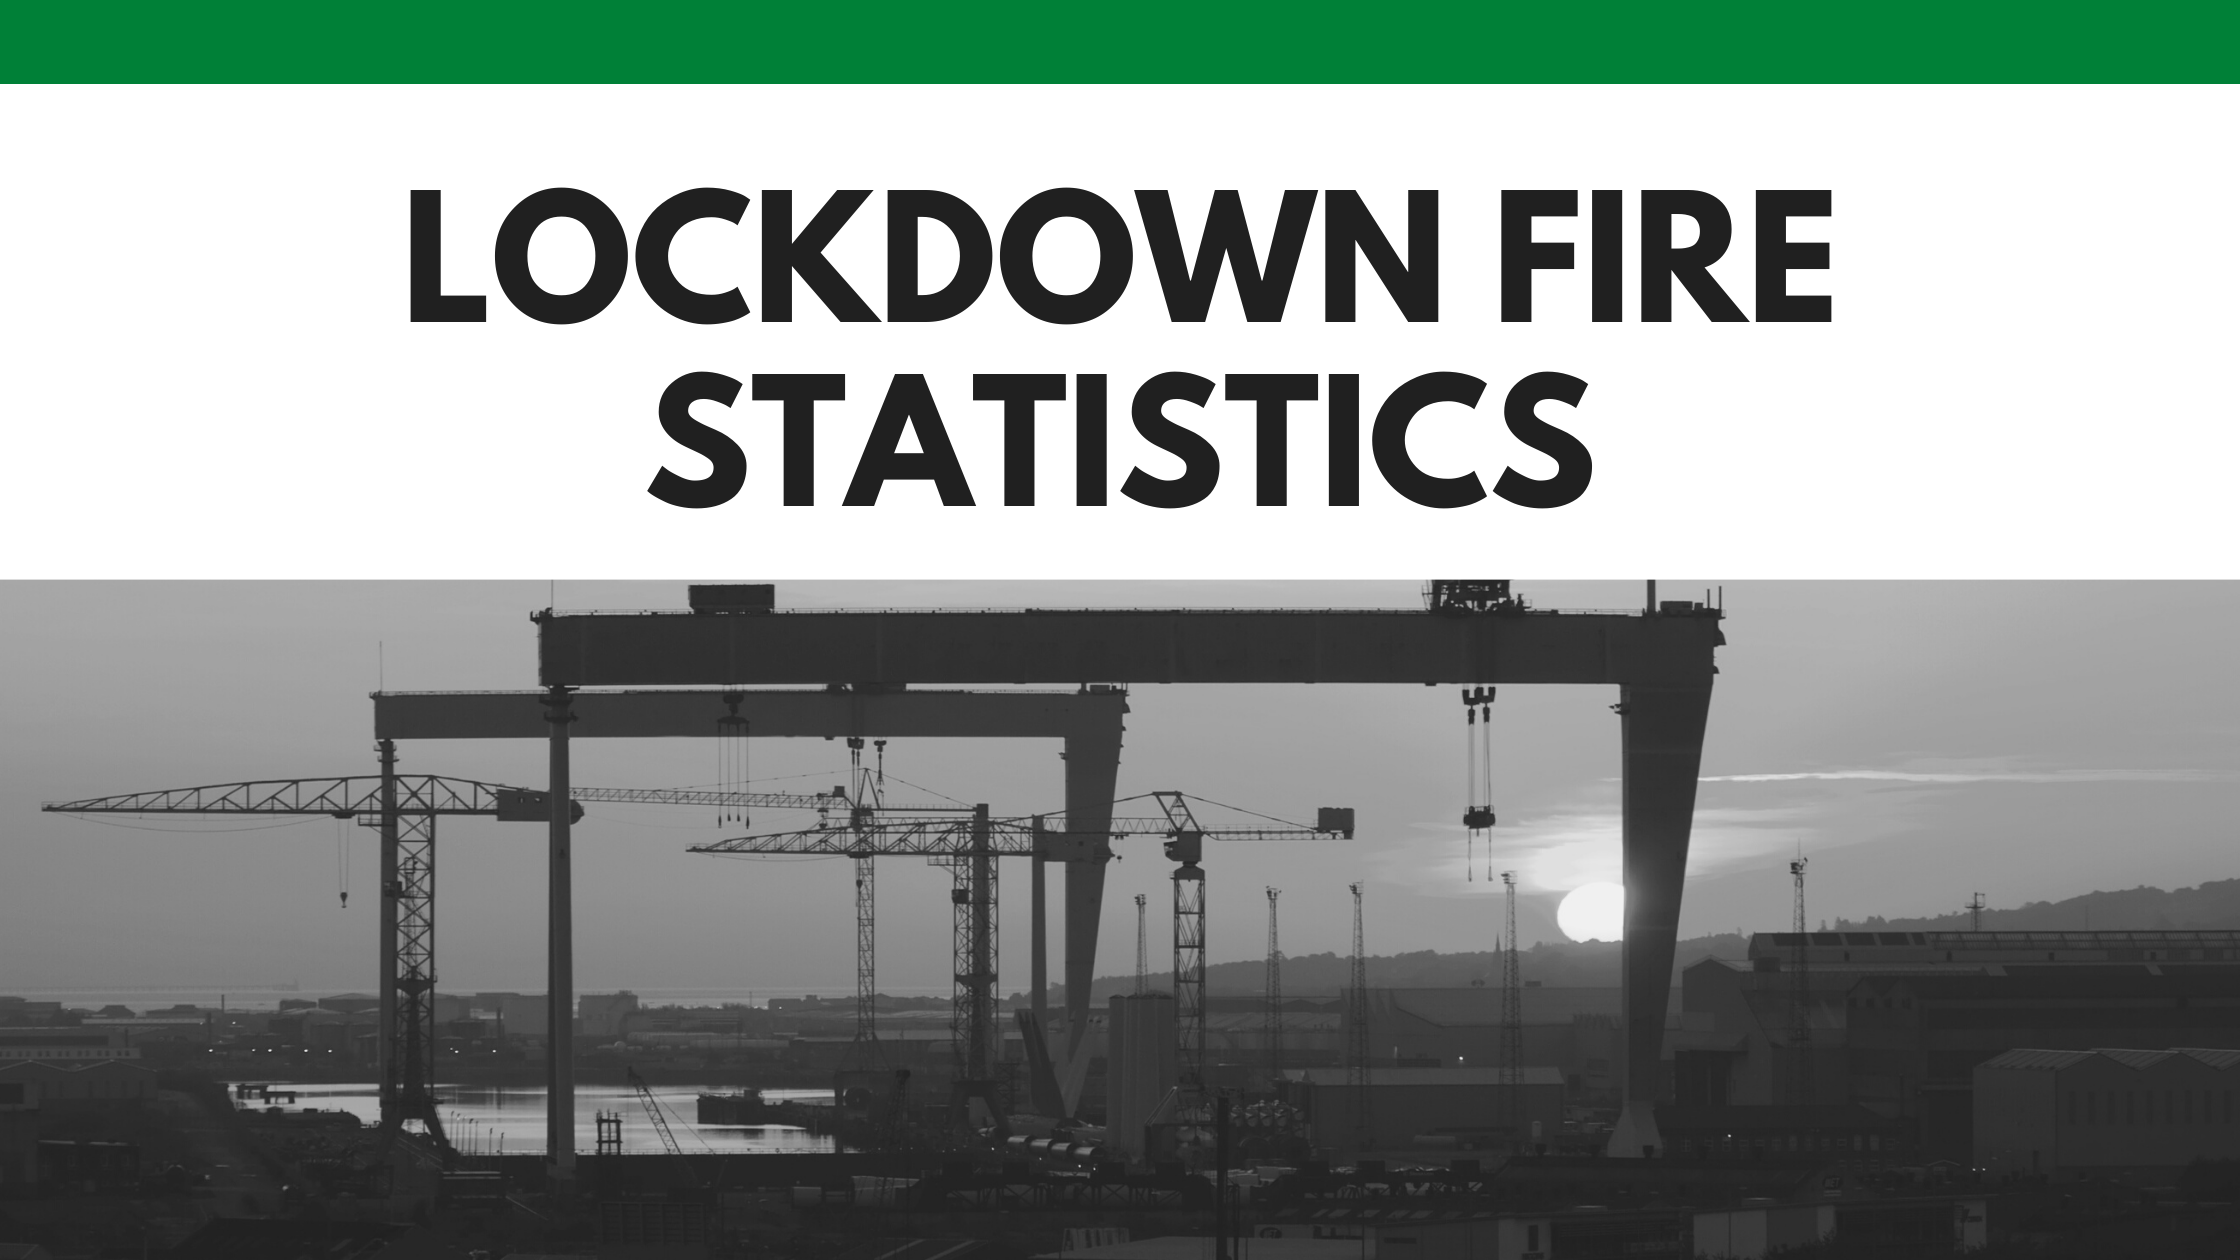 Lockdown Fire Statistics